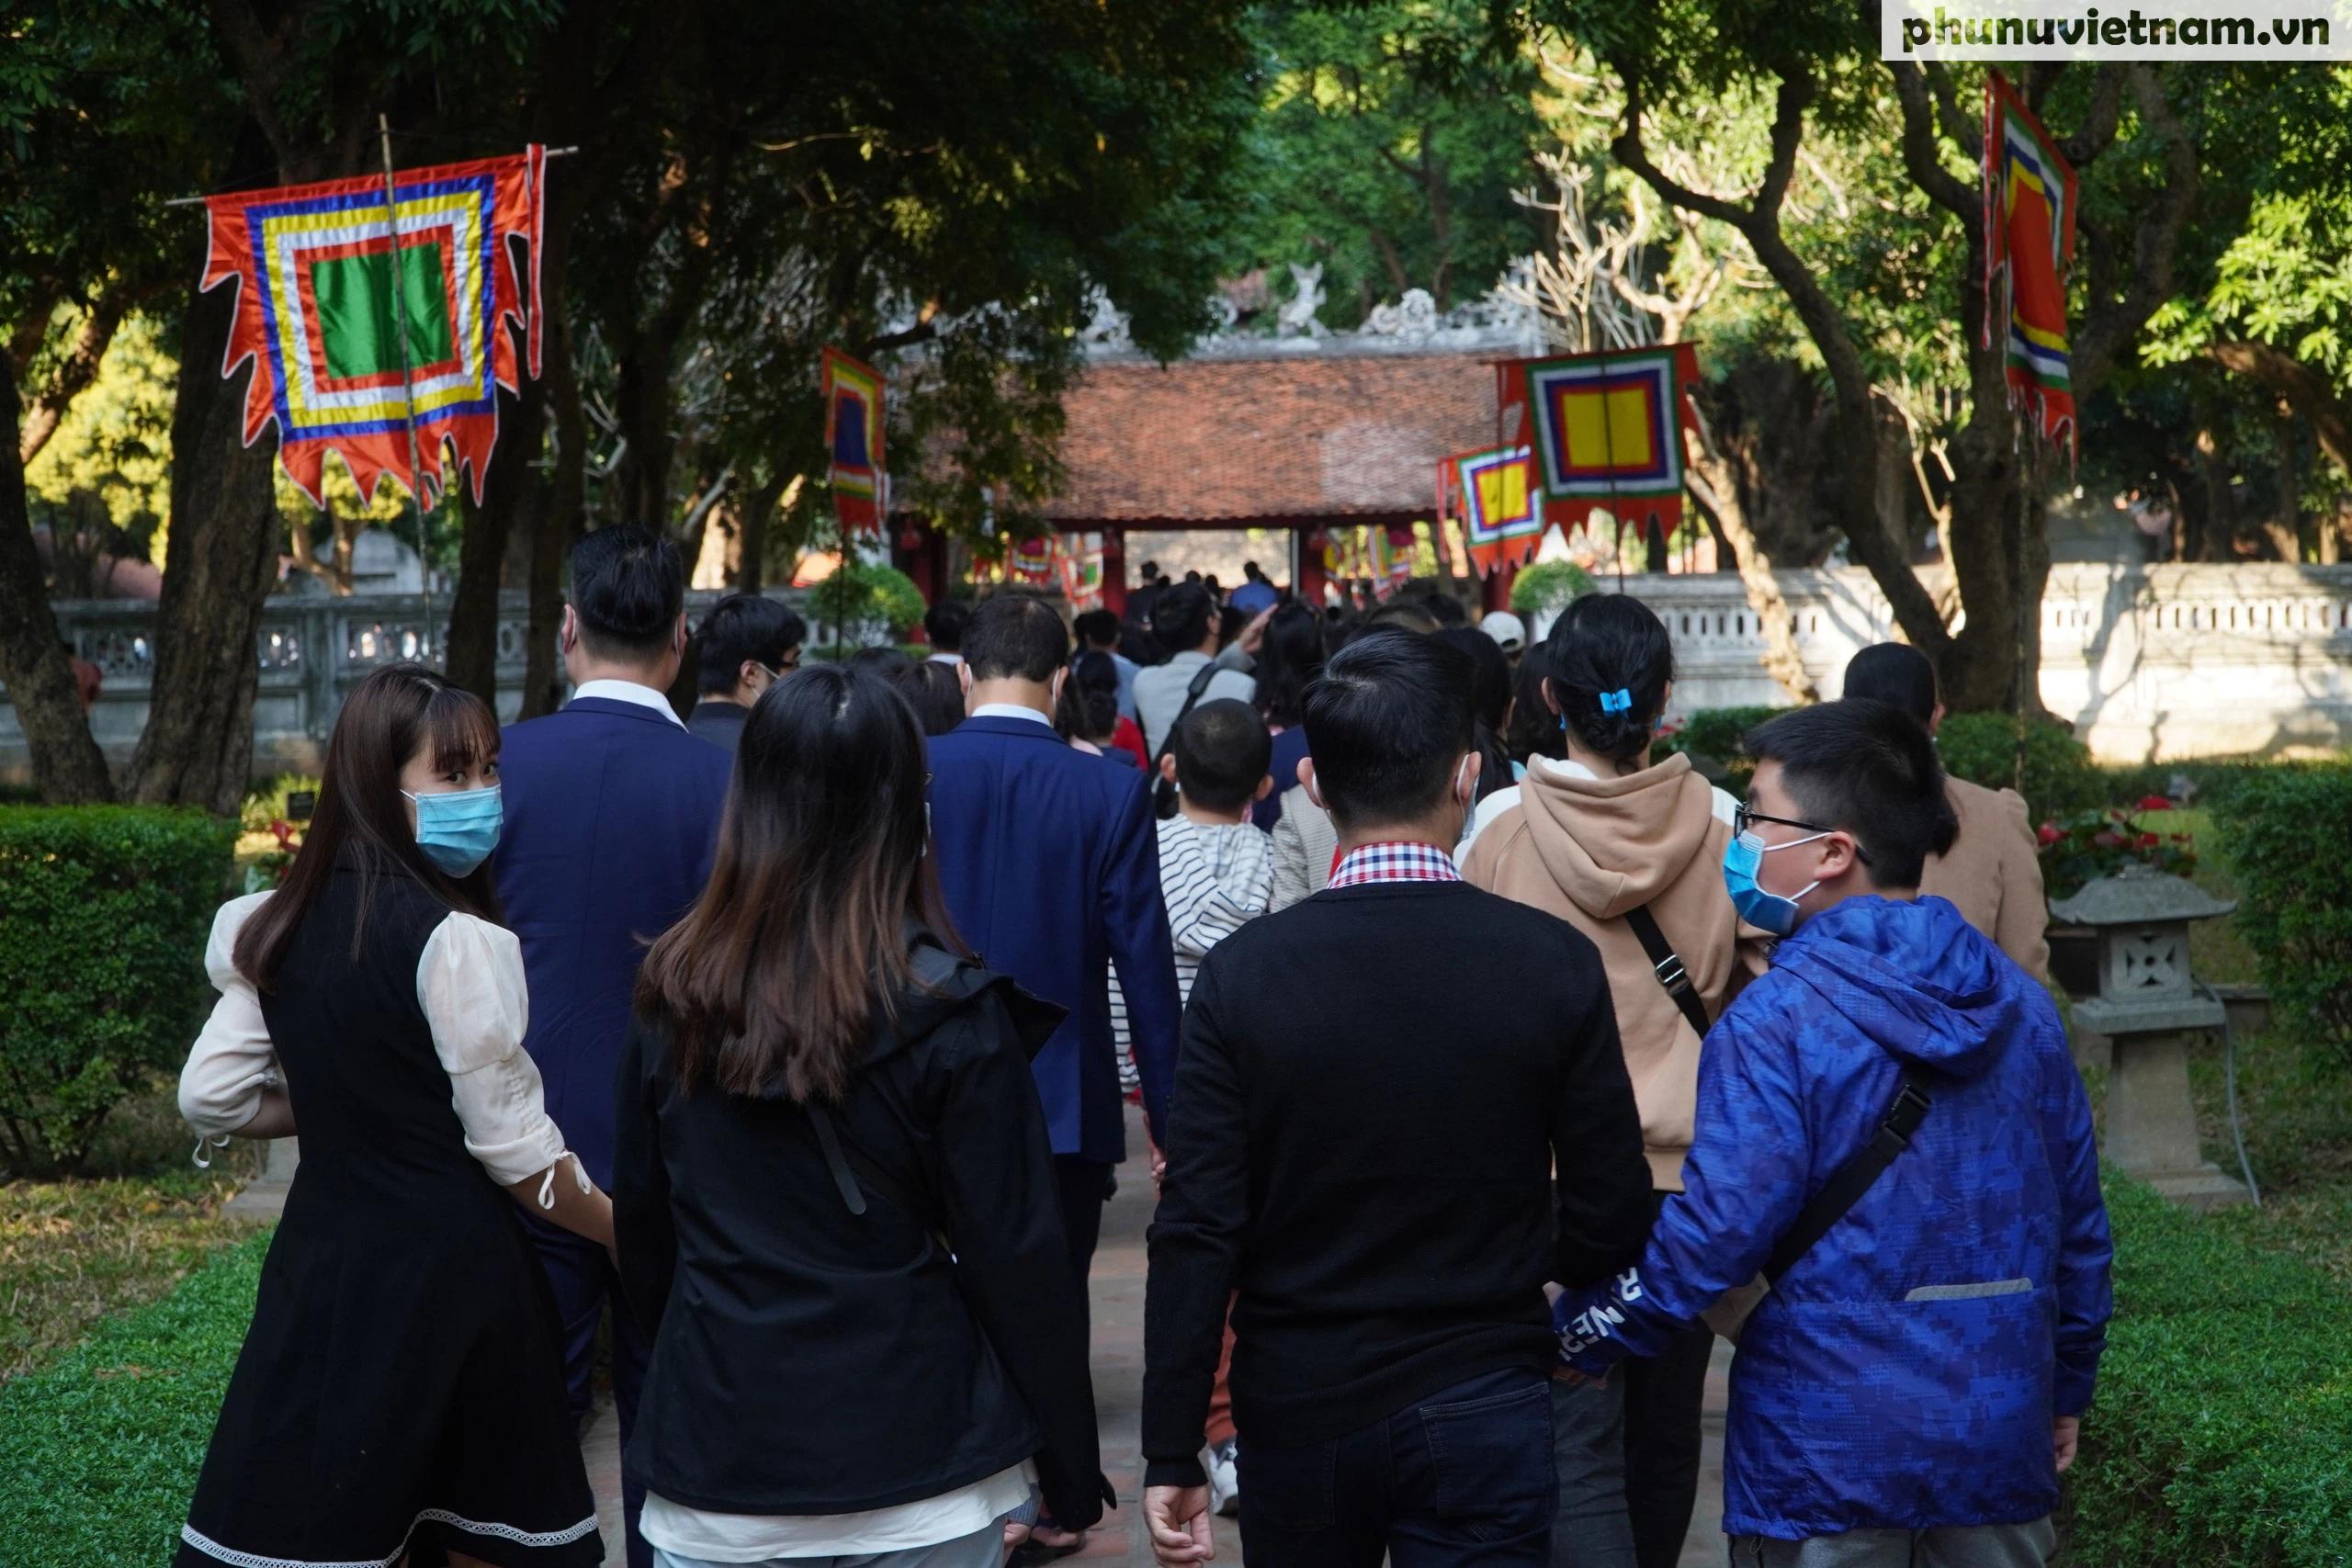 Cả ngàn người đội nắng, xếp hàng đến Văn Miếu - Quốc Tử Giám trong ngày Tết Thầy - Ảnh 14.